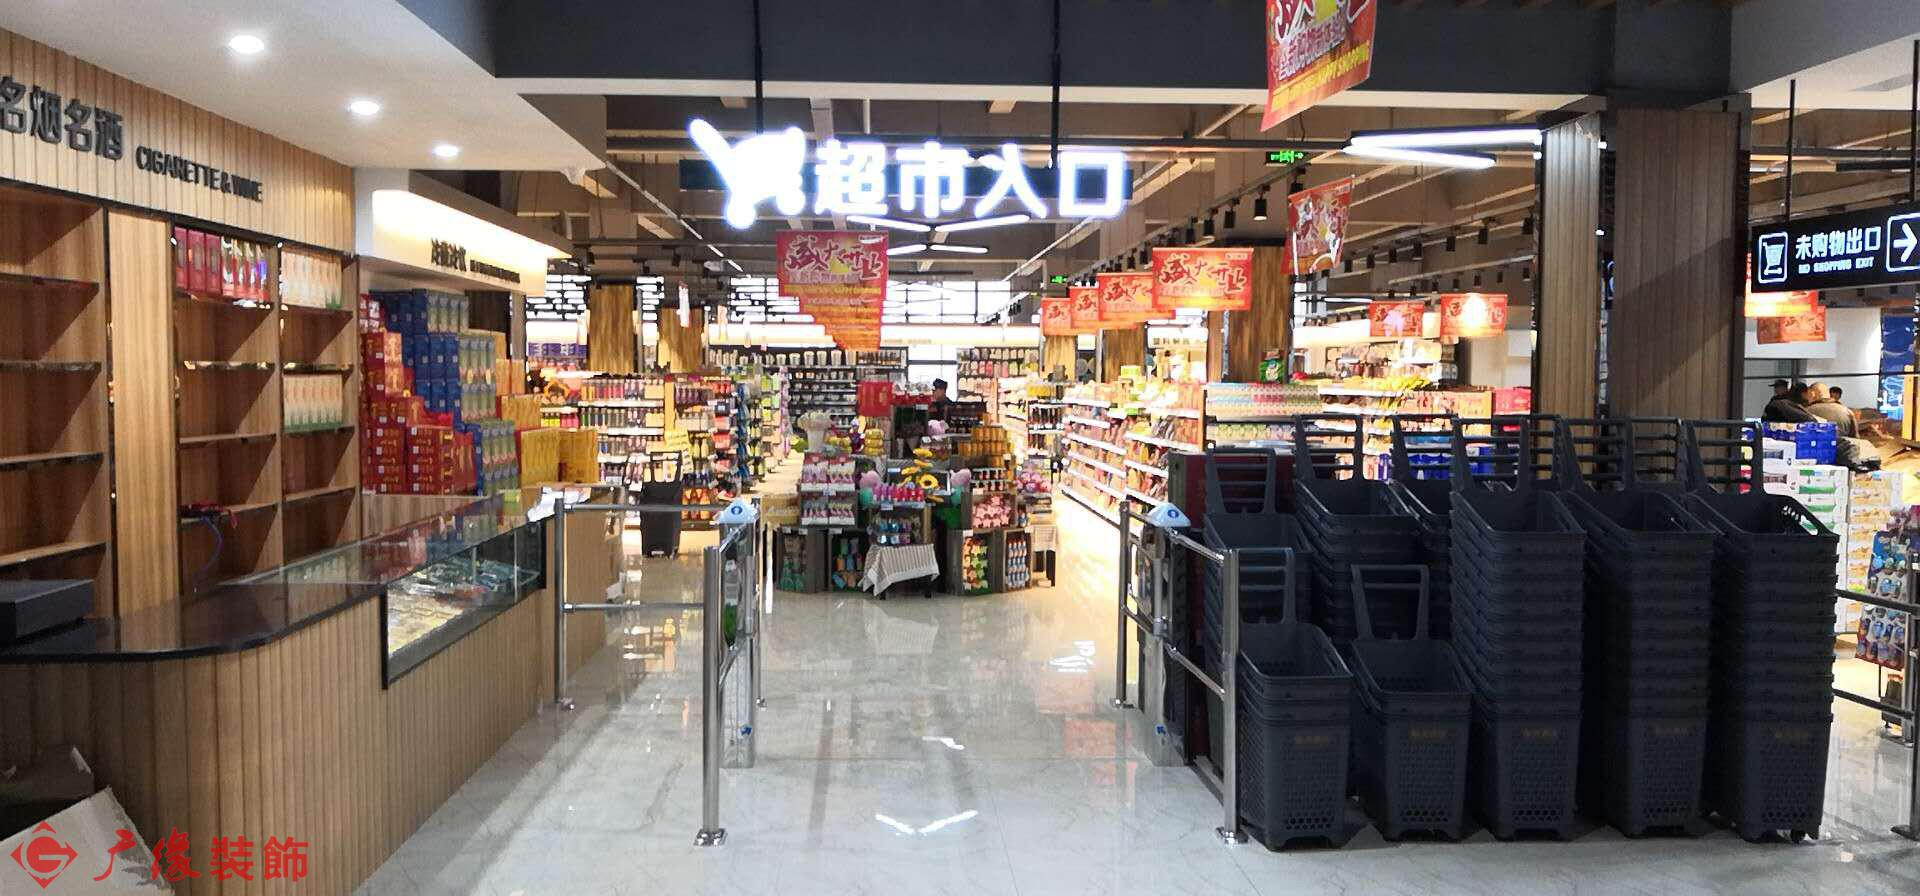 葛店  大润发超市